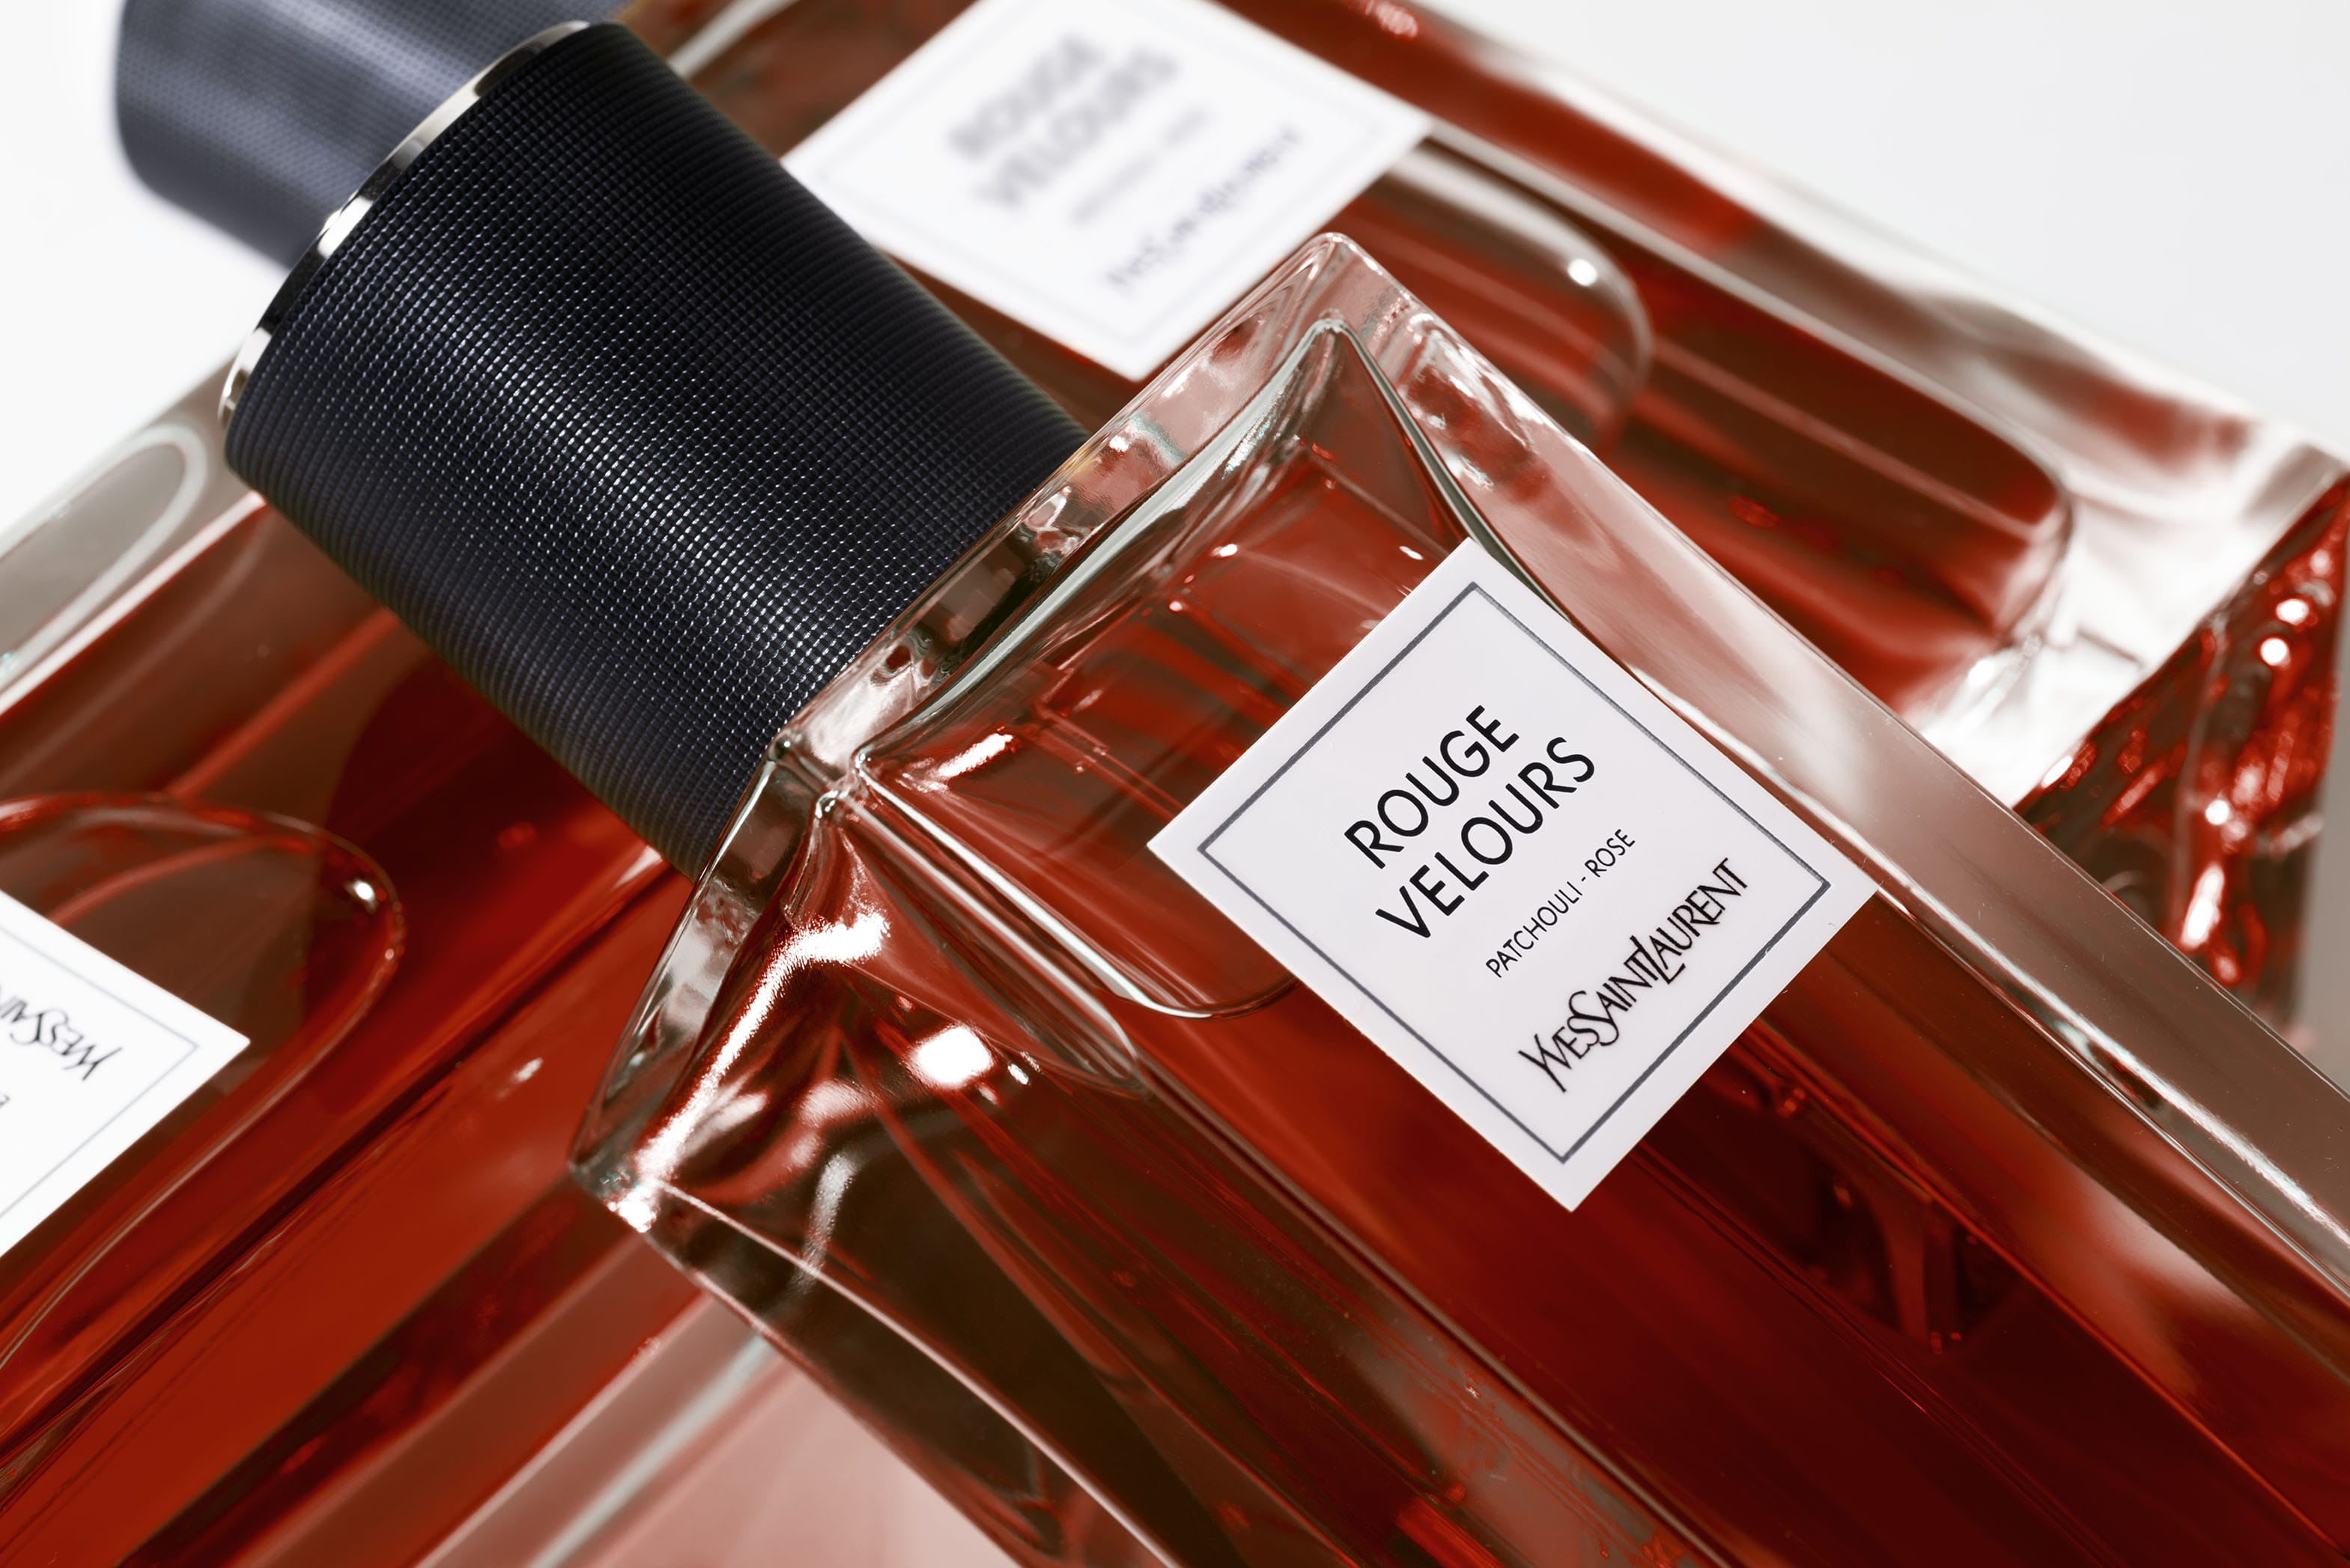 重現YSL先生摯愛的東方調 秋天就擦ROUGE VELOUR絲絨舞衣訂製香水 讓玫瑰&廣藿香炙熱擁抱妳每一天